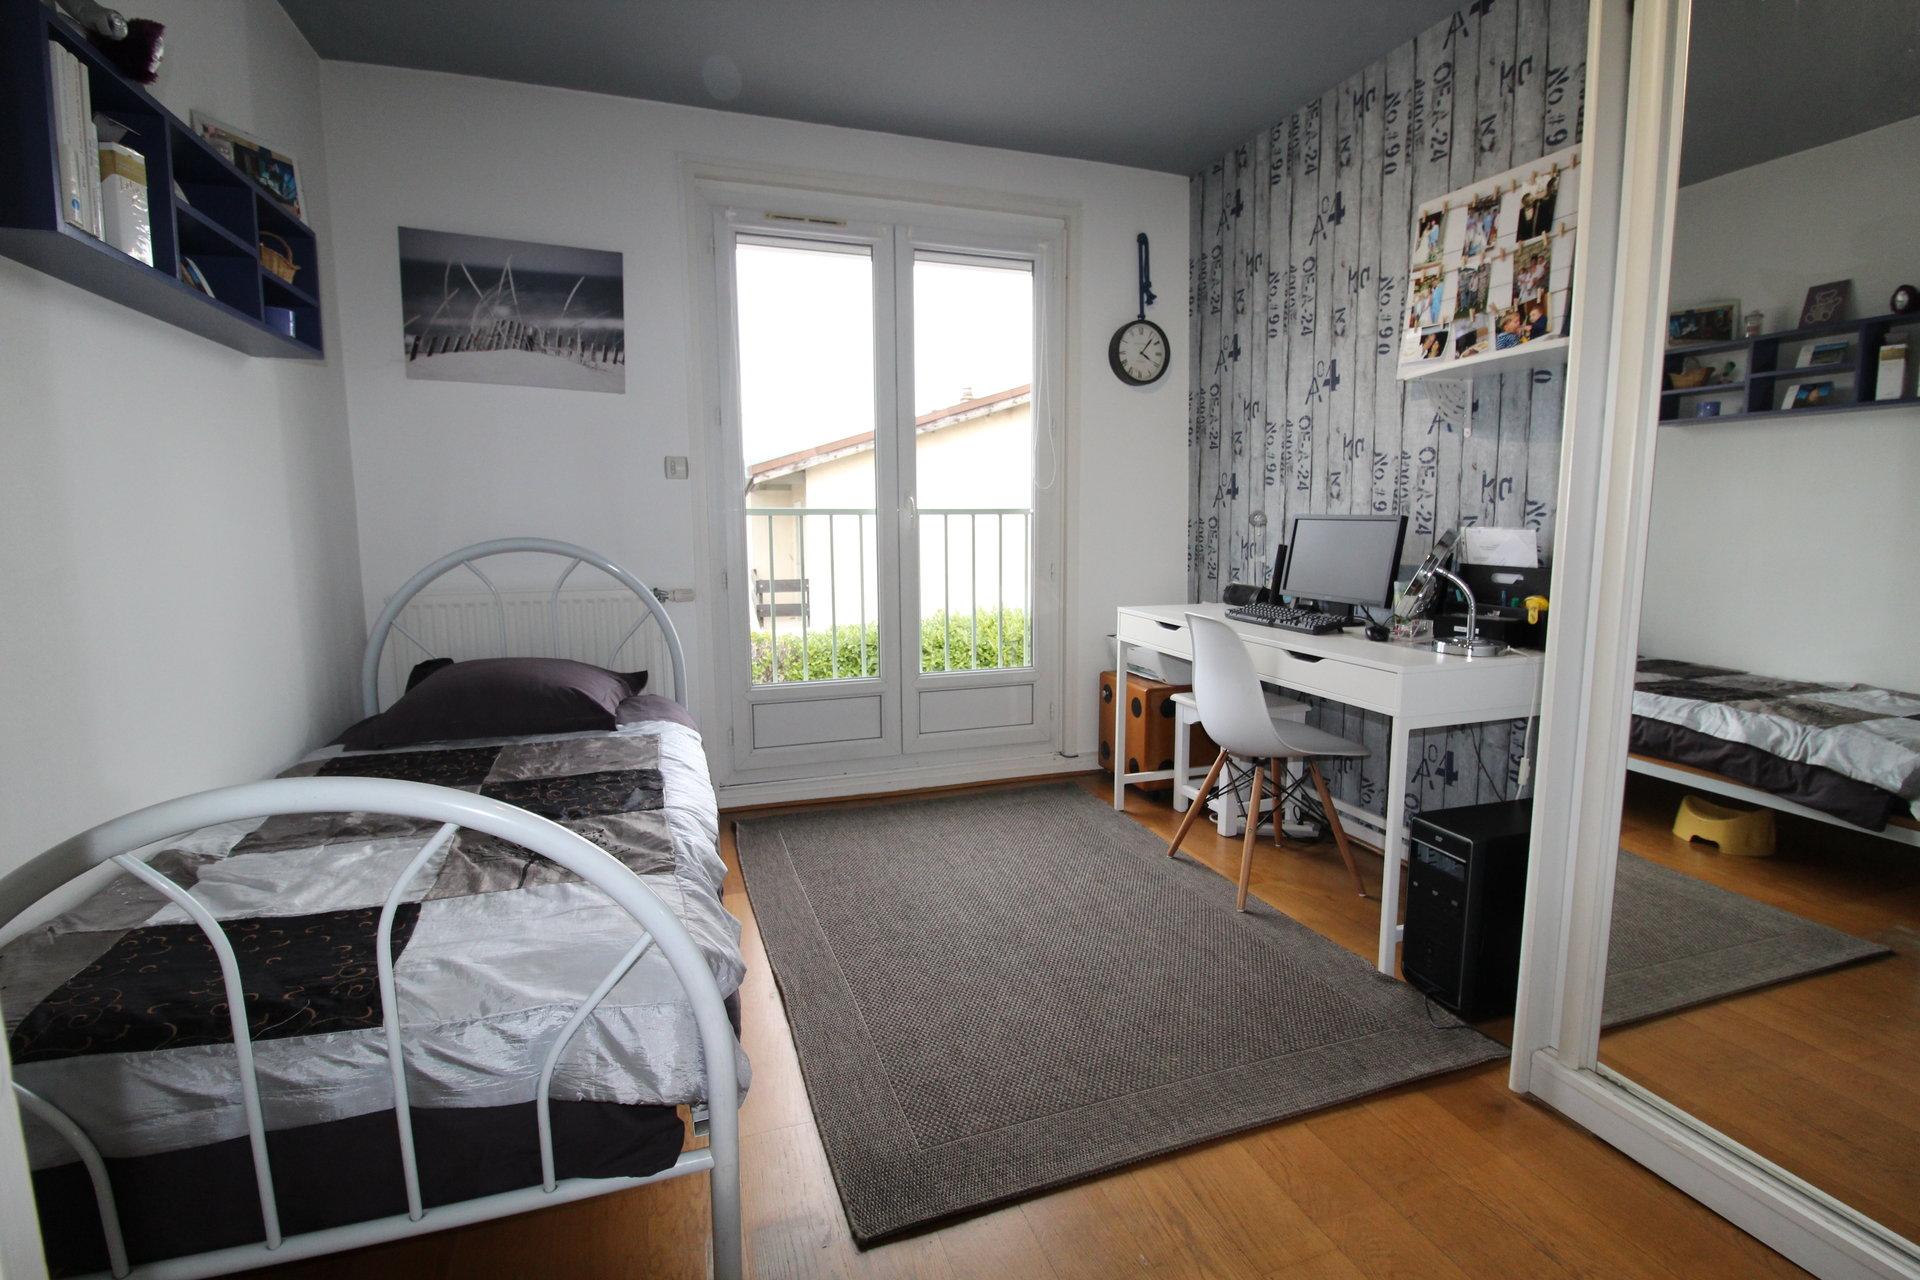 Maison Saint-Jean -Bonnefonds 5 Pièces 106m2